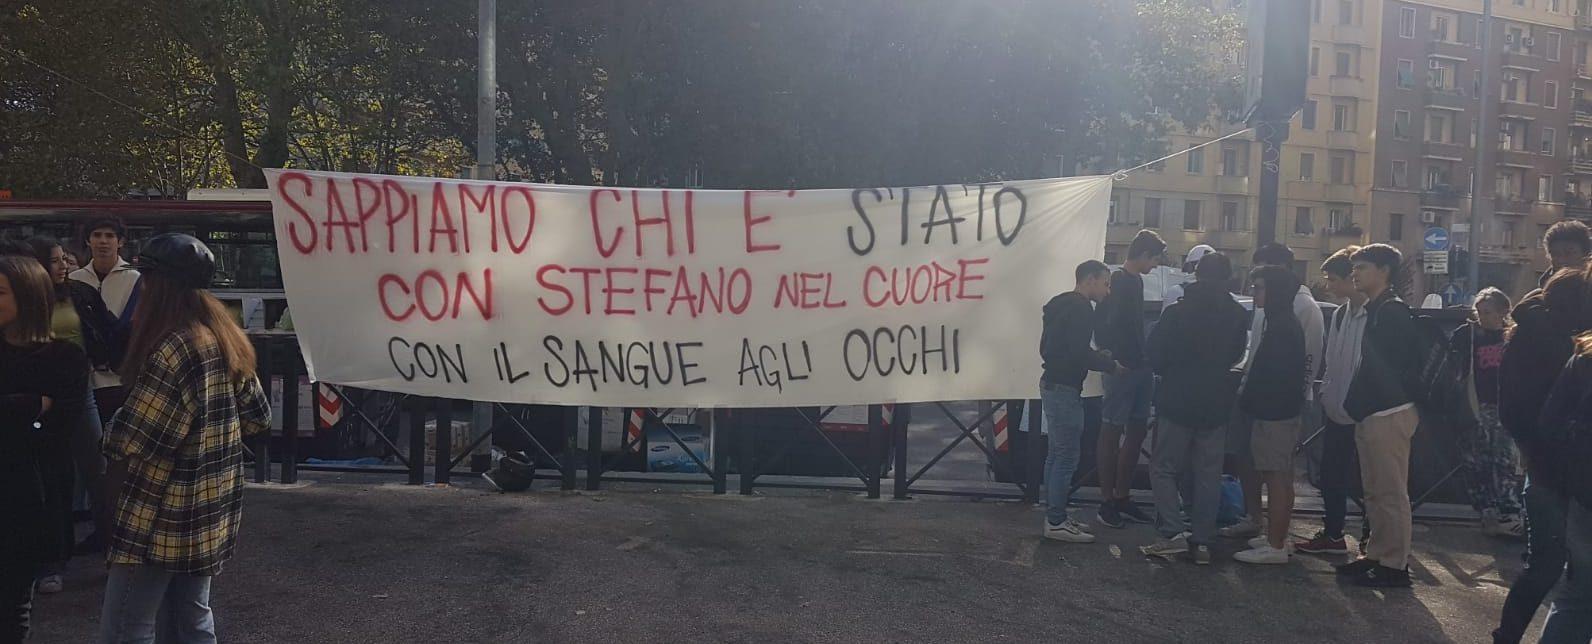 Roma: Processo per l'omicidio di Stefano Cucchi